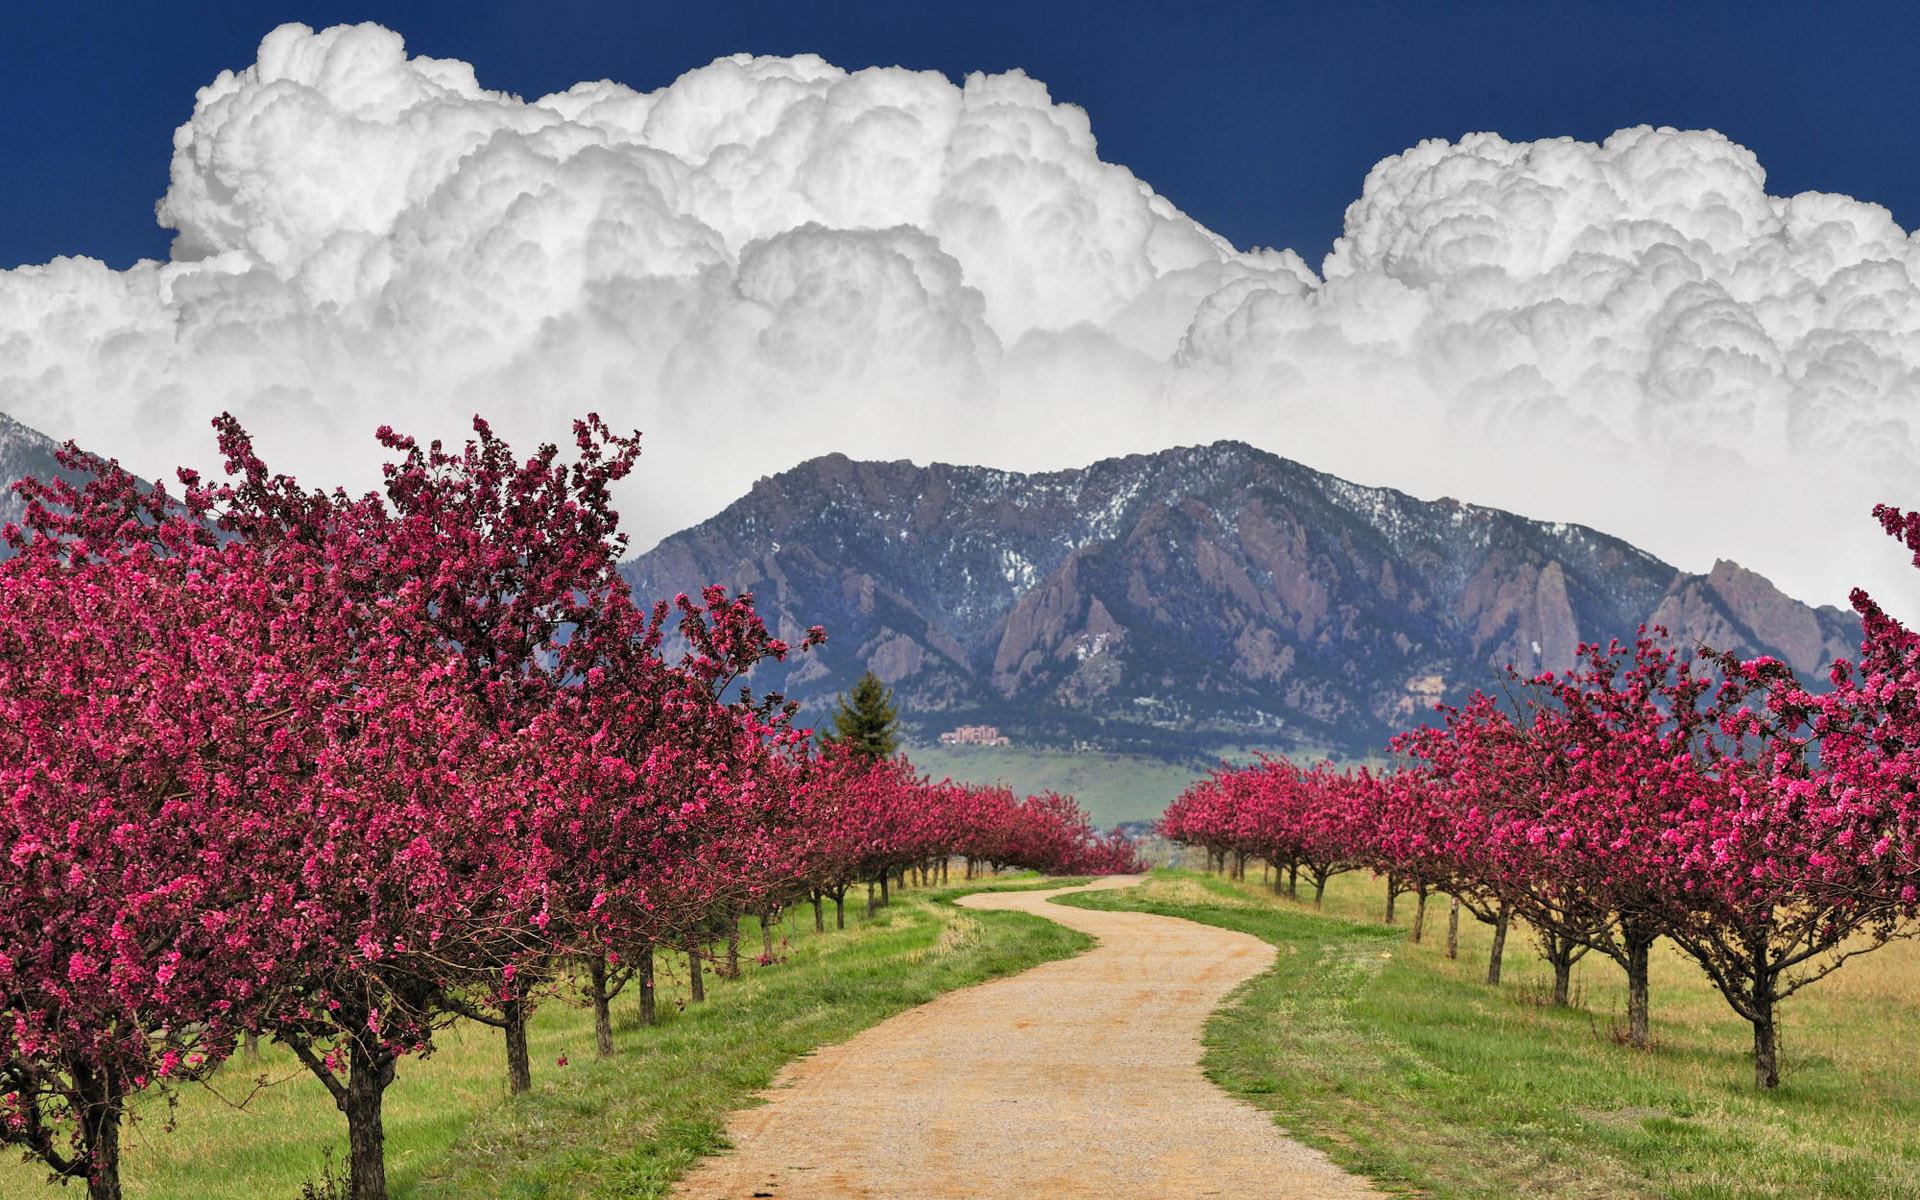 15299 скачать обои Пейзаж, Деревья, Дороги, Горы, Облака - заставки и картинки бесплатно